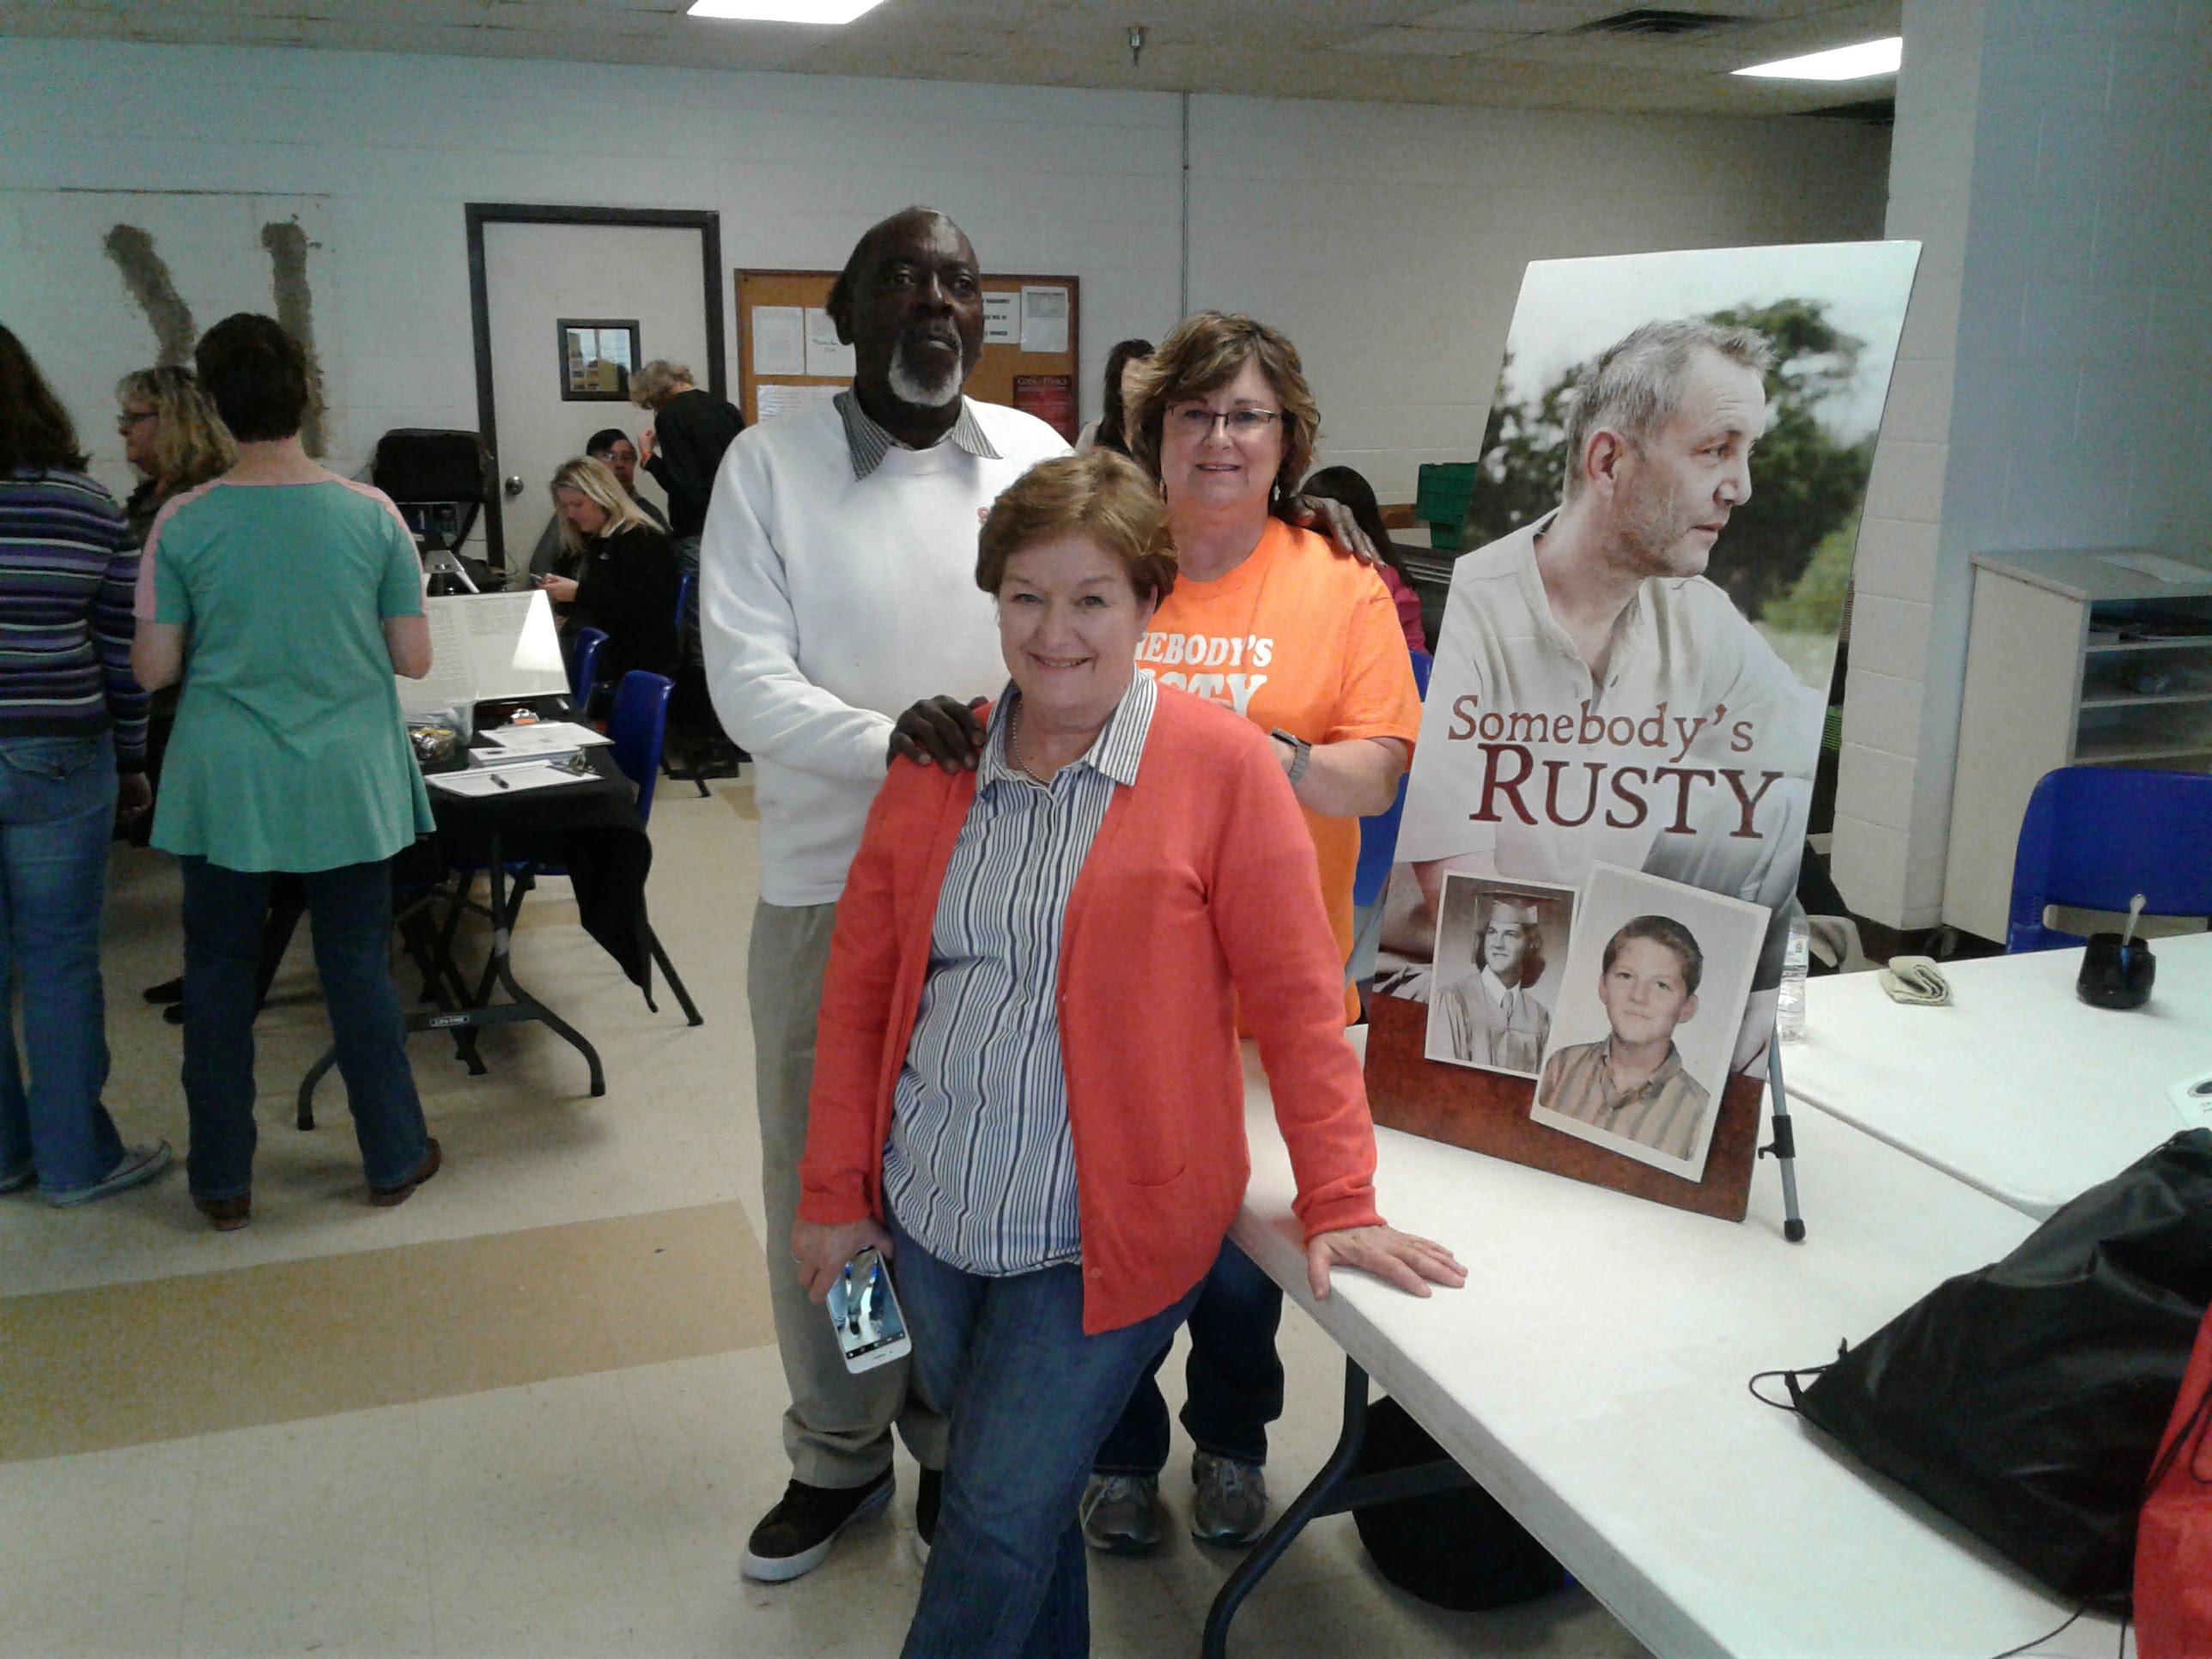 Somebody's Rusty Gloria Johns Photo